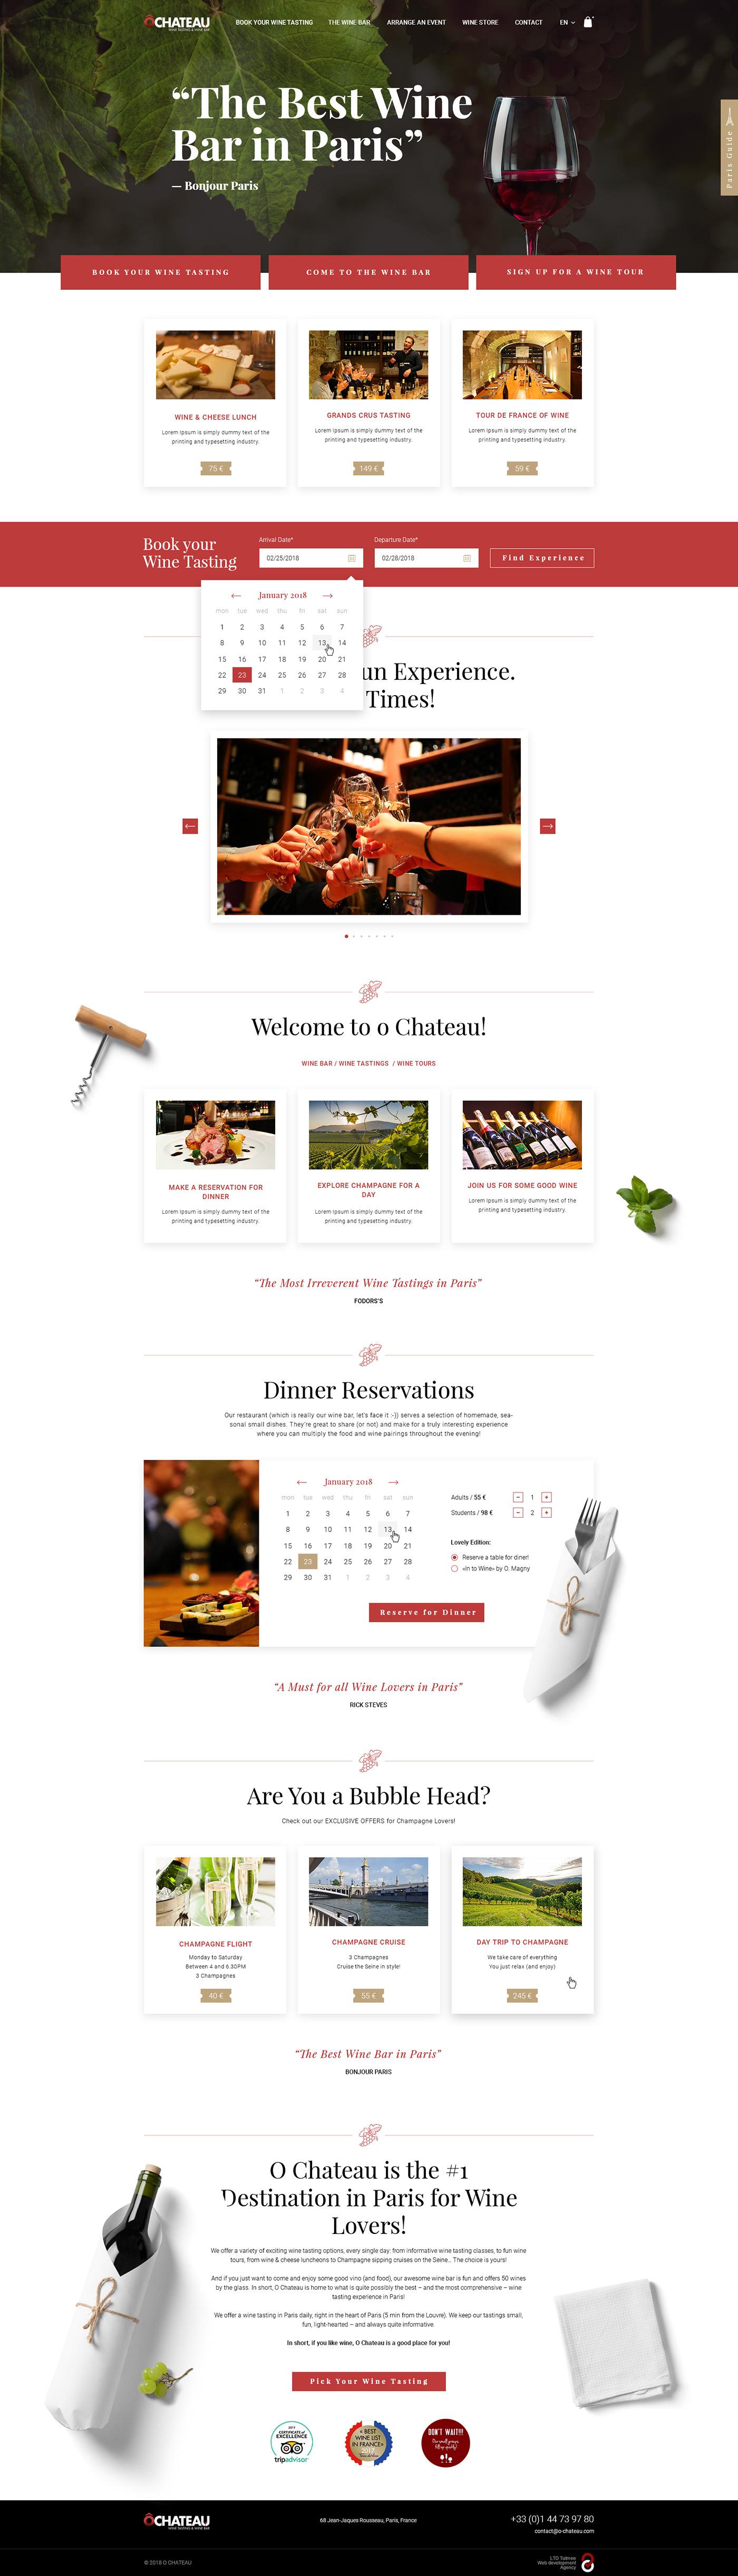 дизайн сайта вино Винный бар wine Website Webdesign Website Design UI/UX